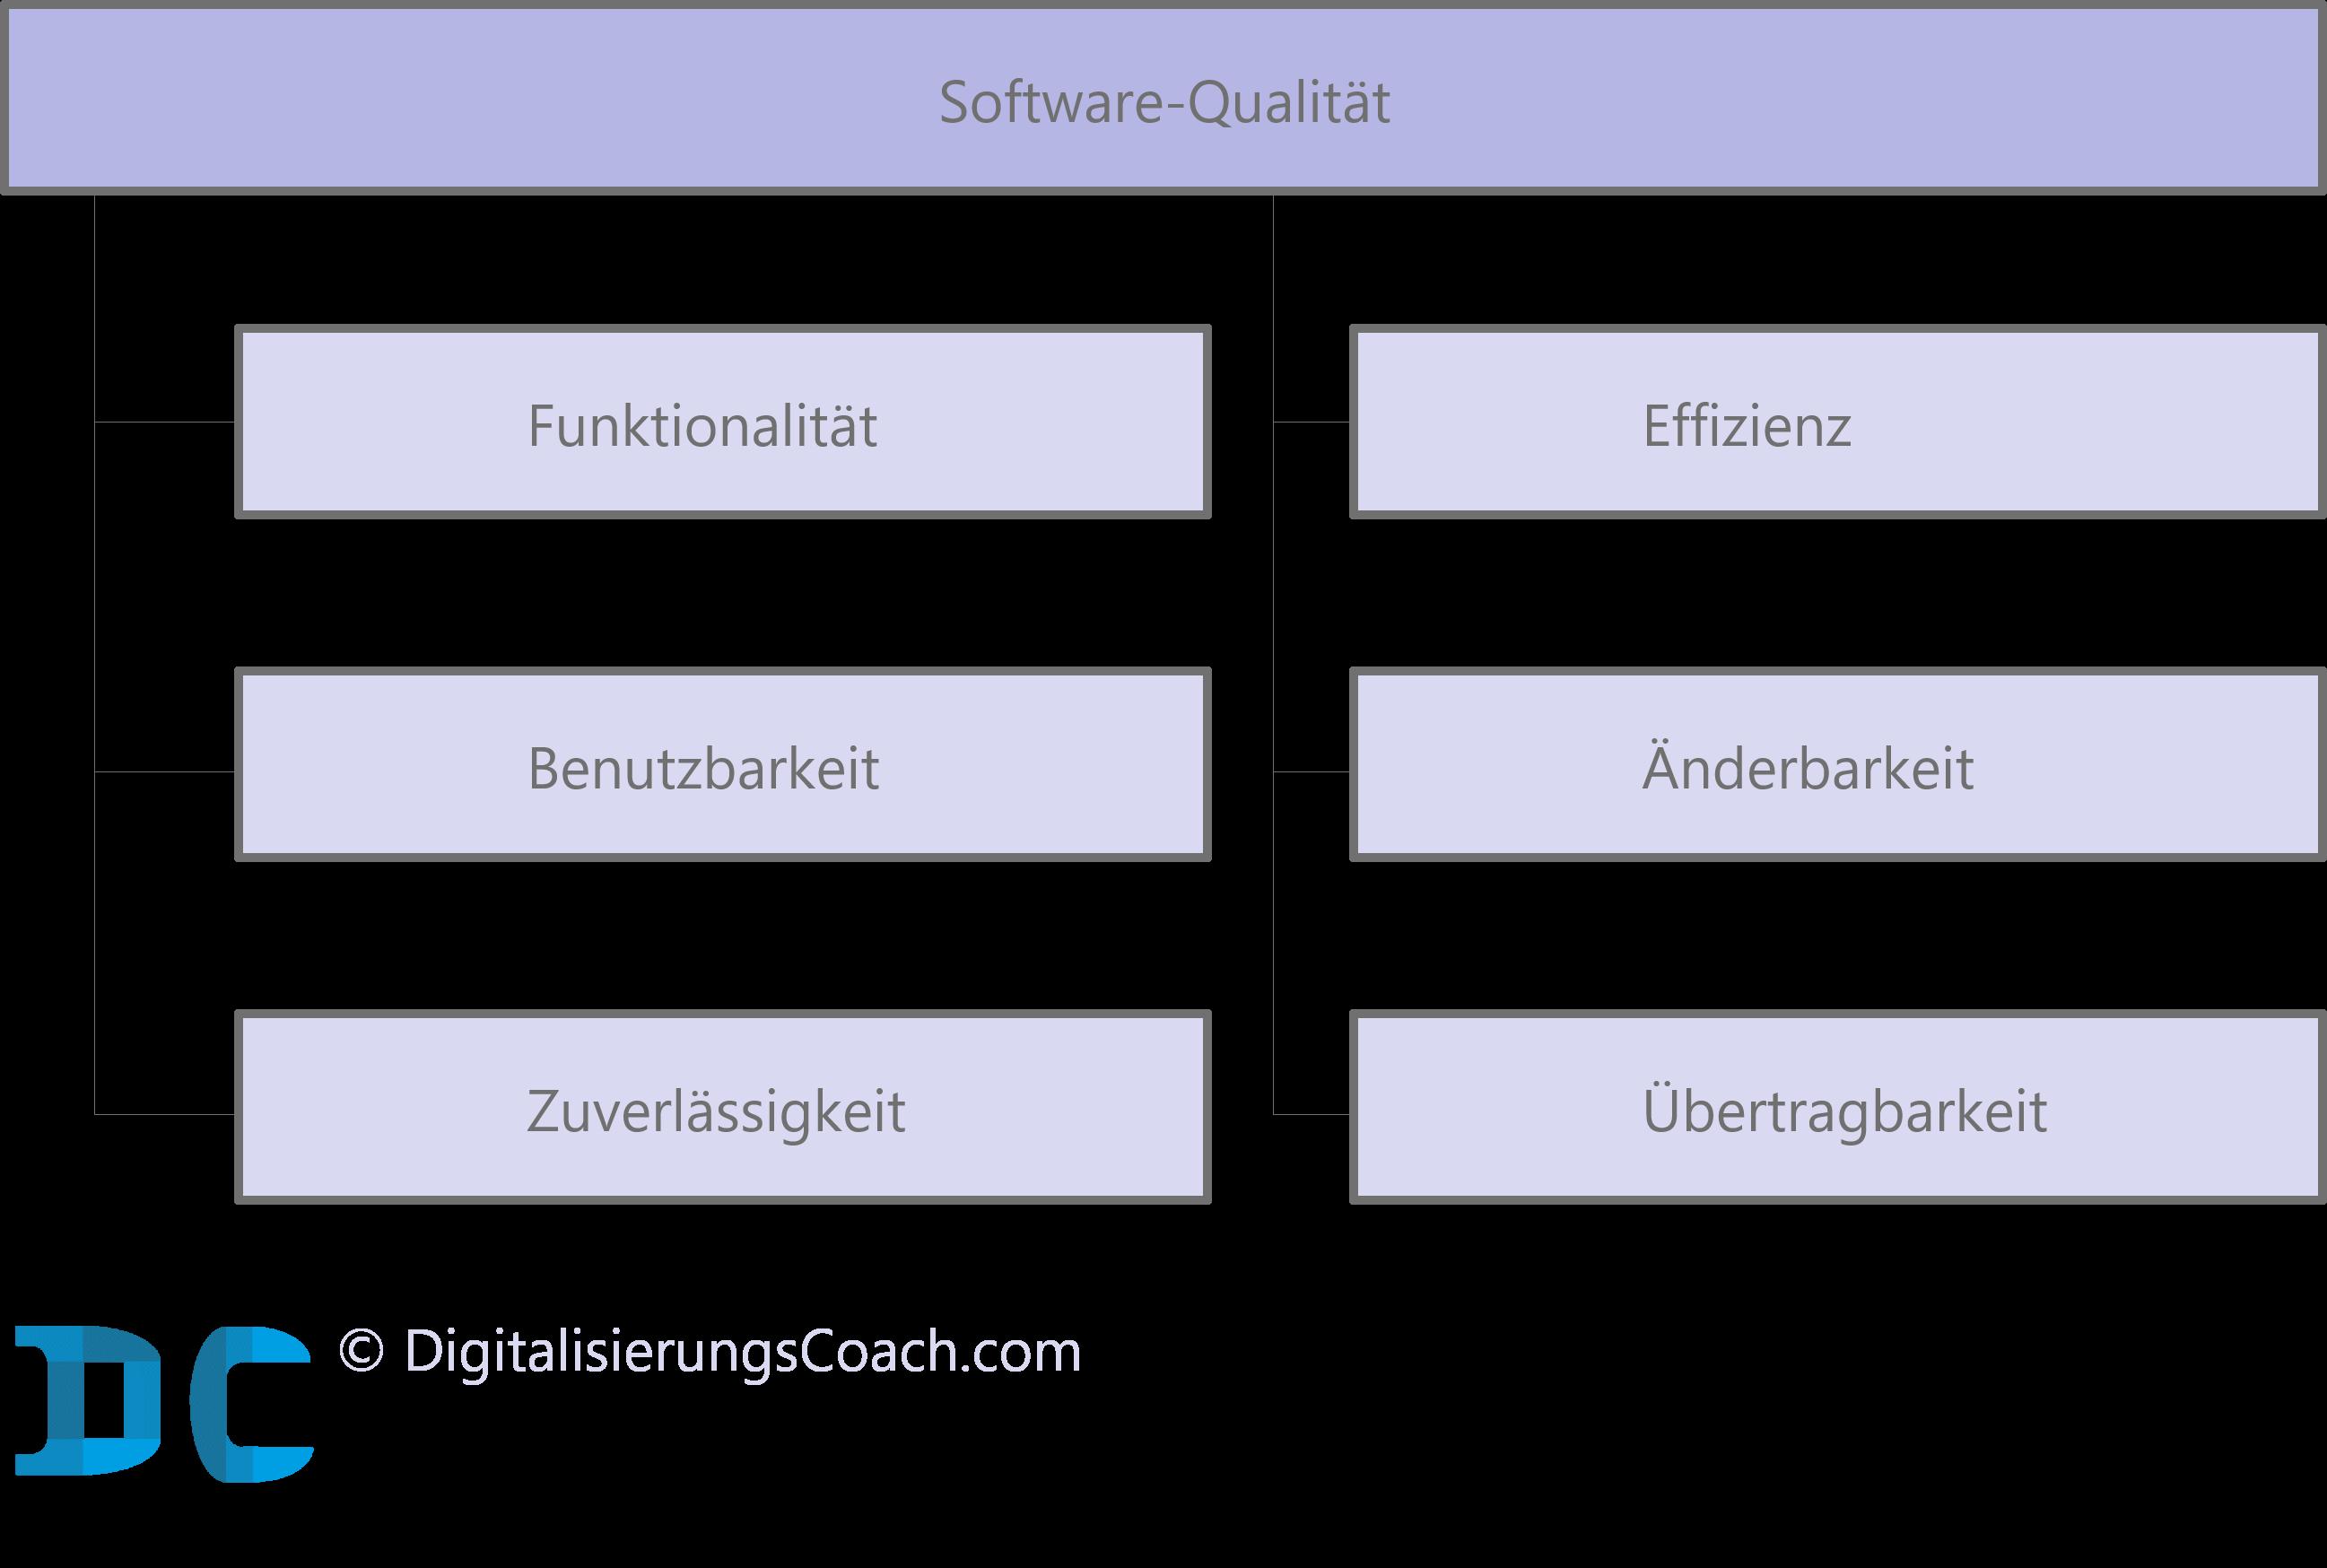 Software-Qualität nach ISO 9126